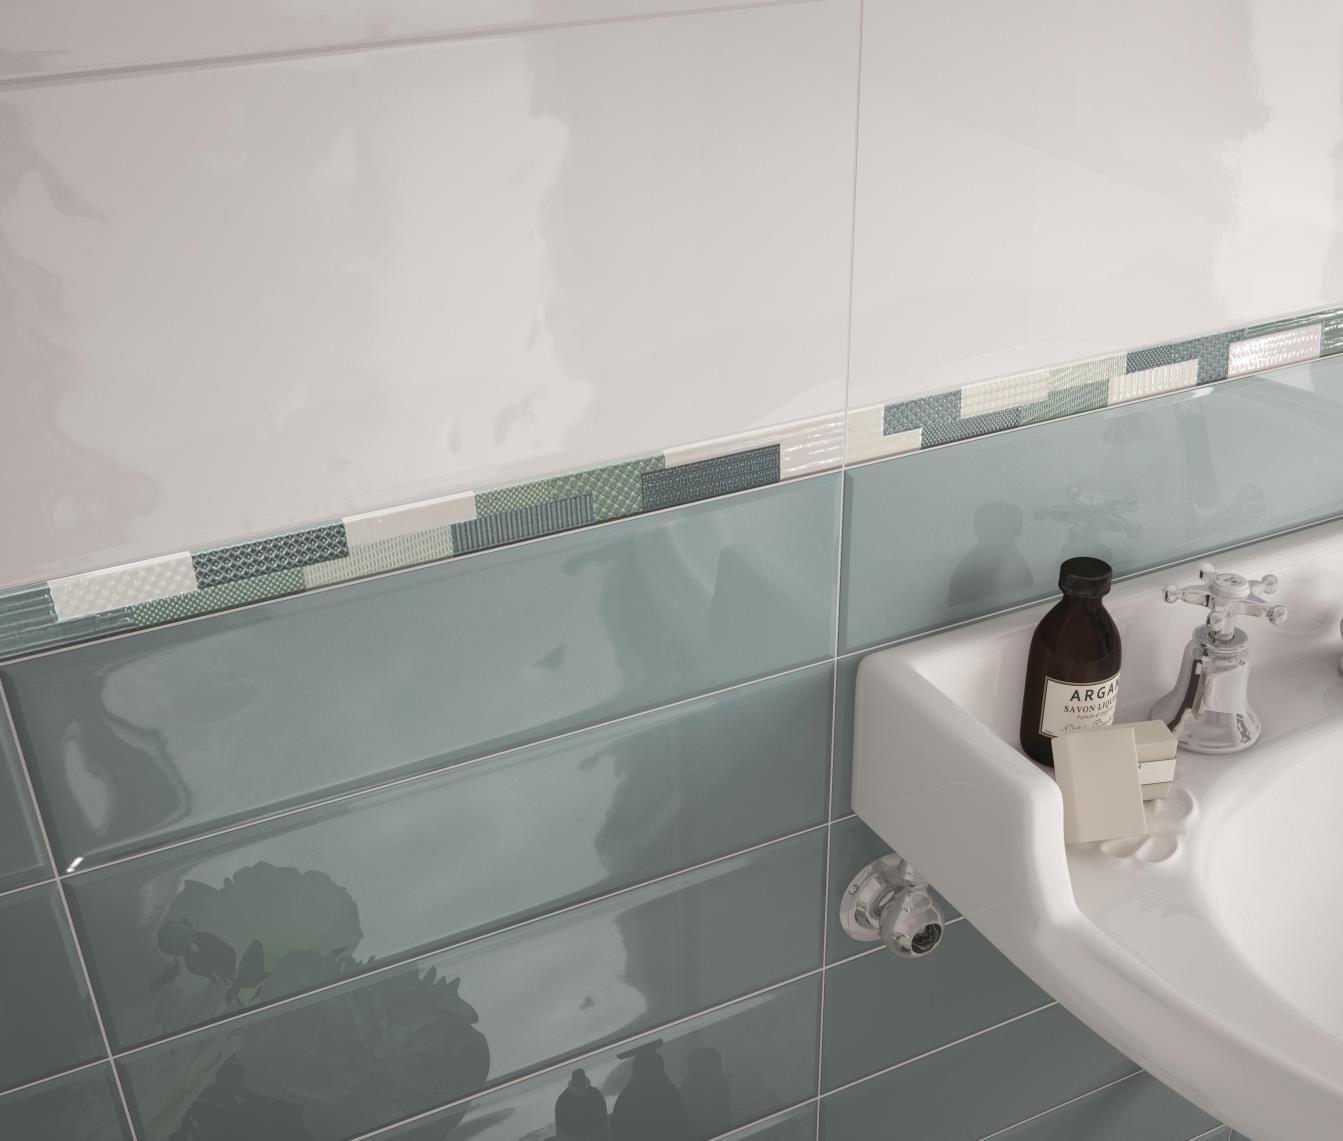 vernici per piastrelle bagno prezzi: bagno in resina marrone con ... - Piastrelle Bagno Jolie